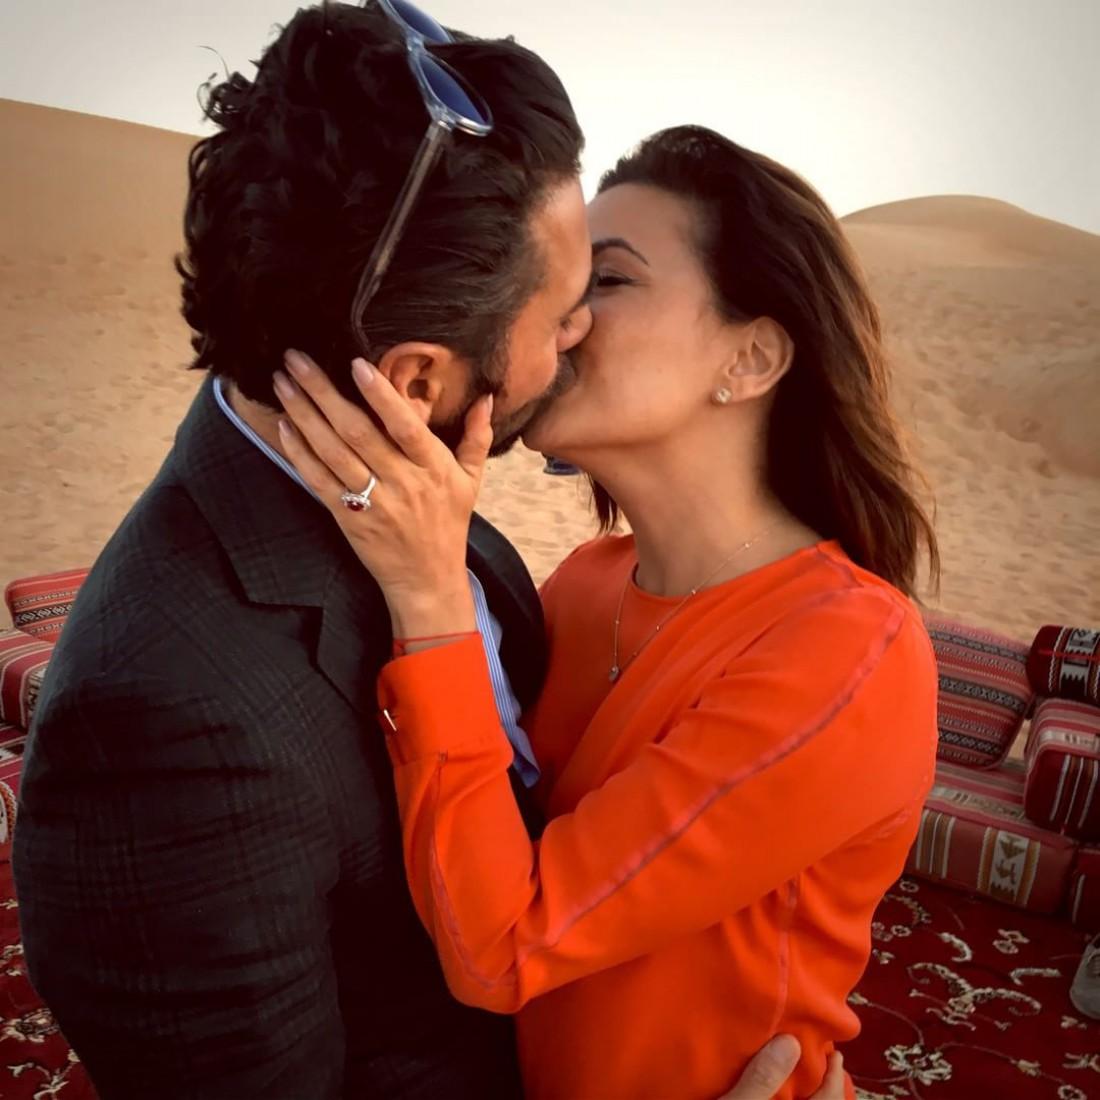 Ева Лонгория обручилась с возлюбленным в Дубаи